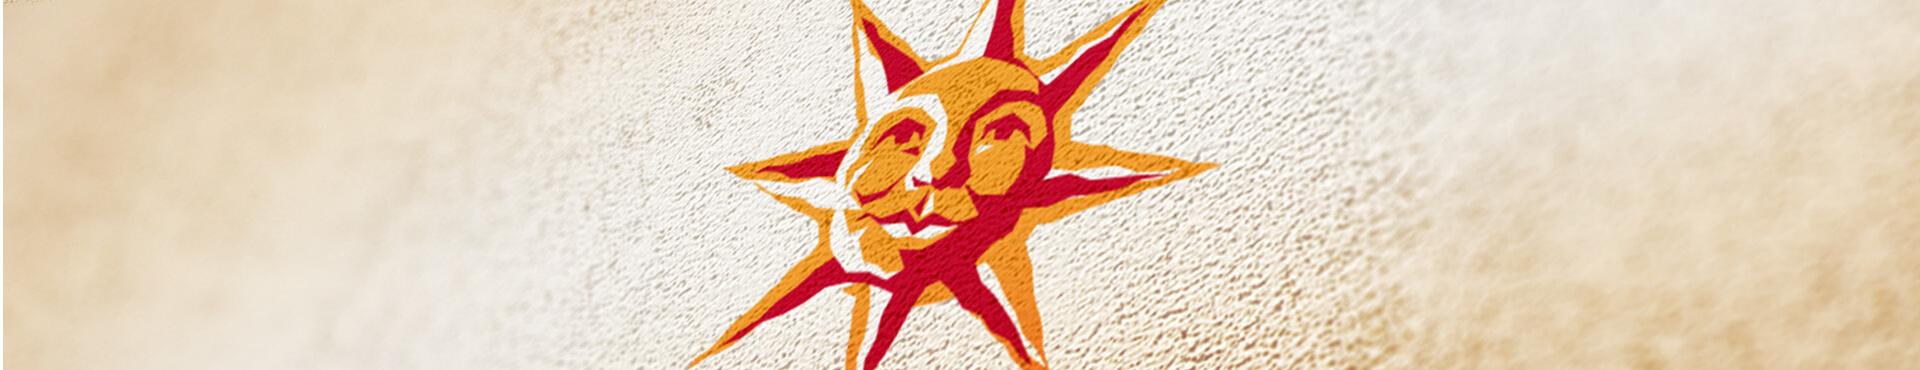 Sontava logo